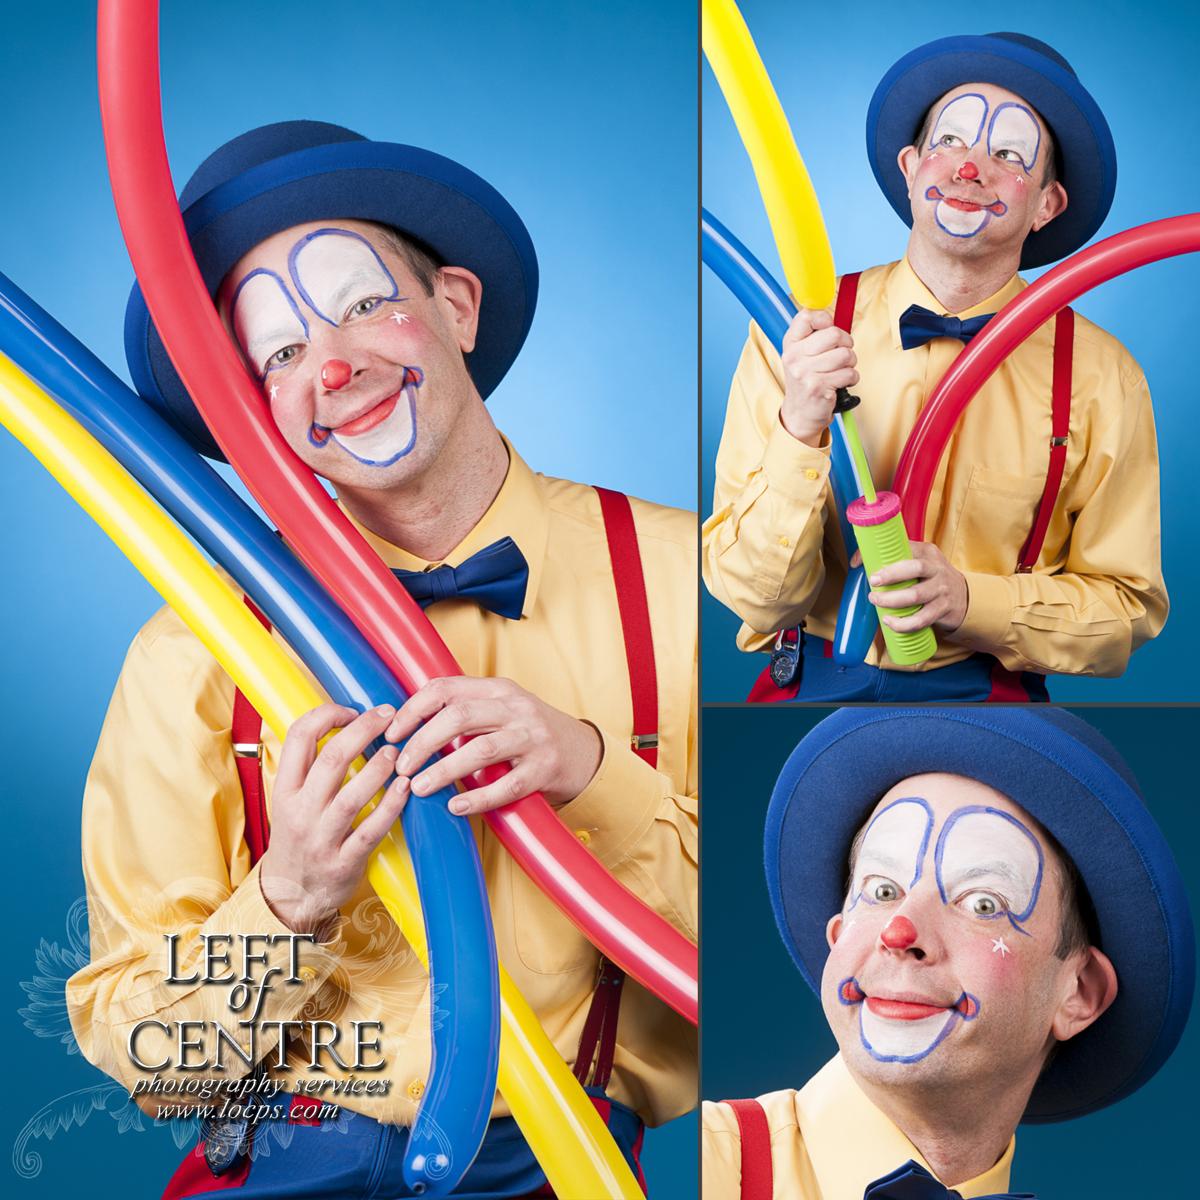 clown7.jpg